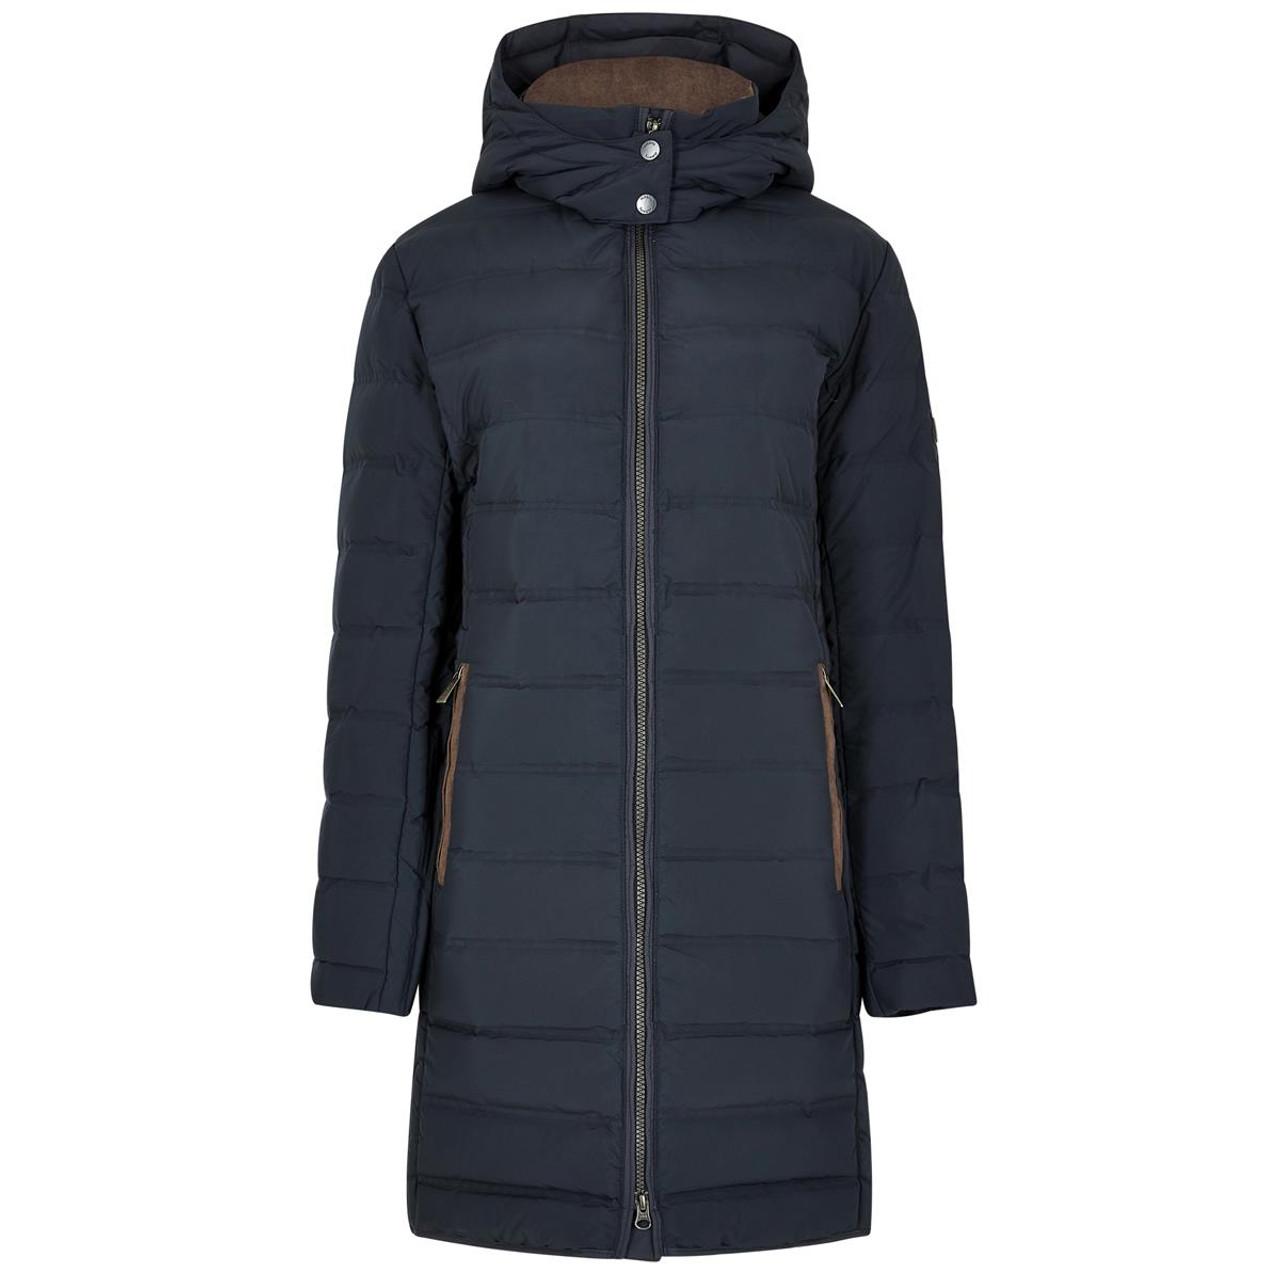 Navy Dubarry Womens Ballybrophy Jacket